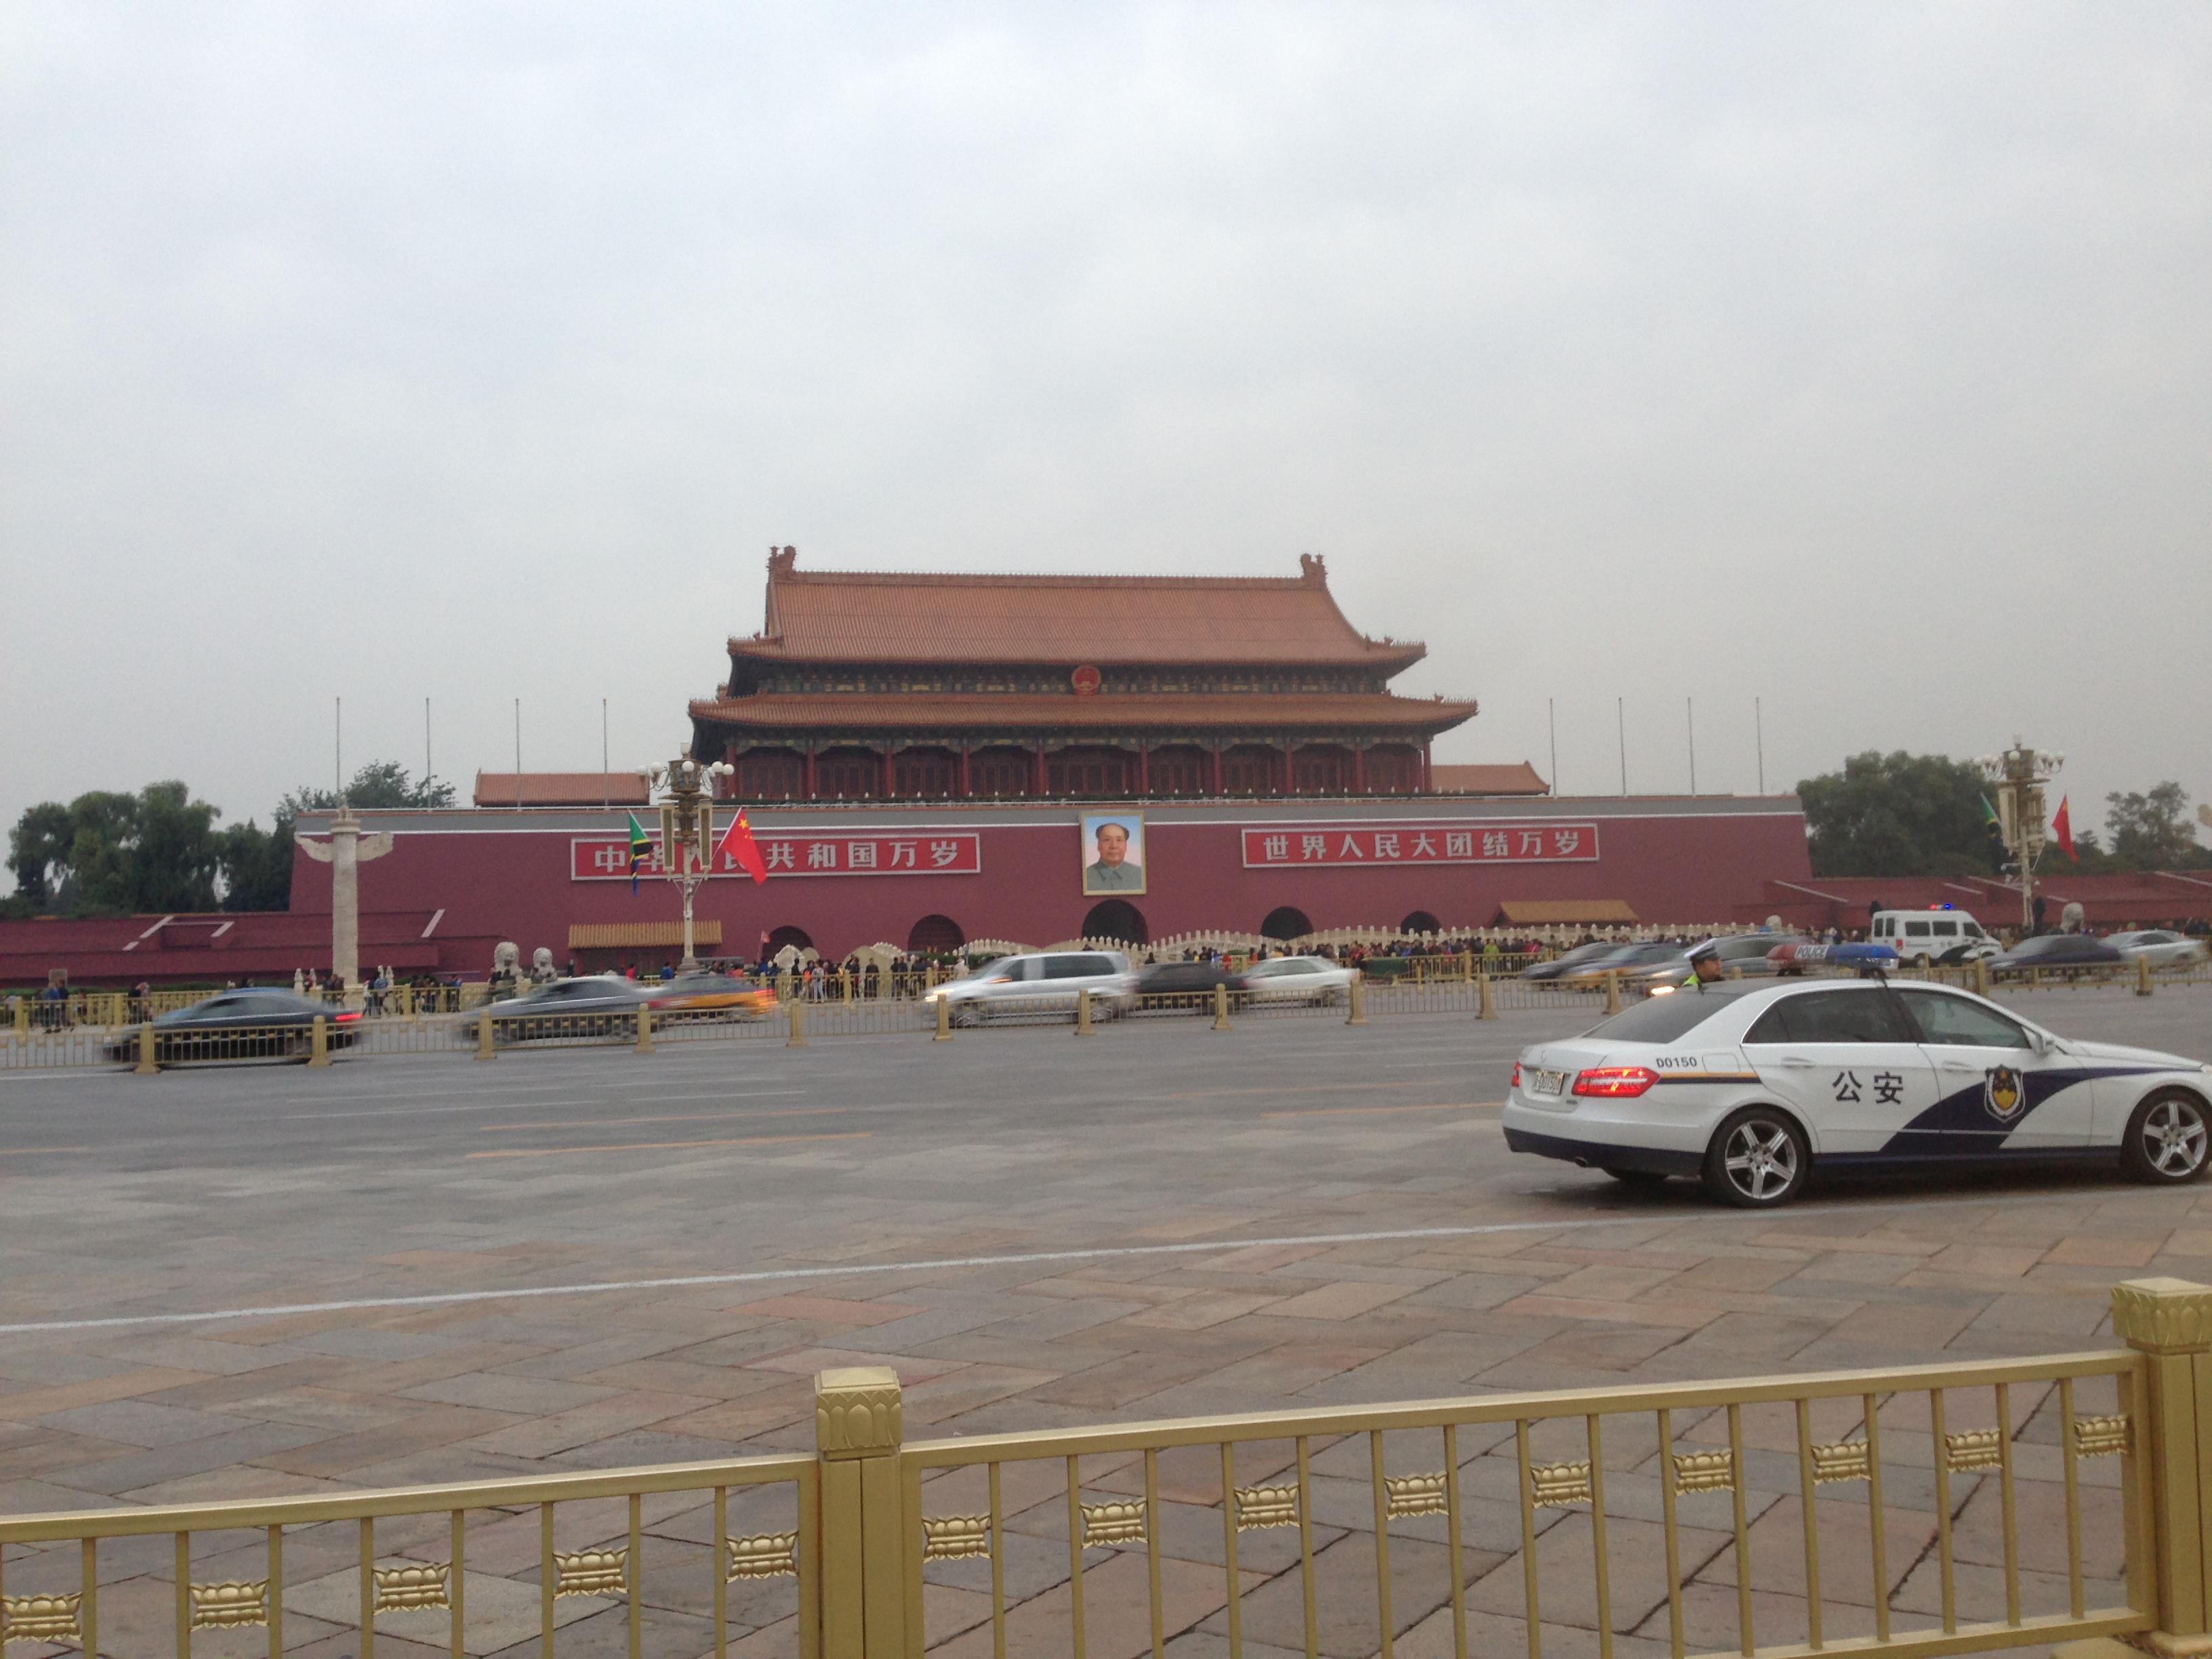 【携程攻略】北京天安门城楼适合单独旅行旅游吗,城楼